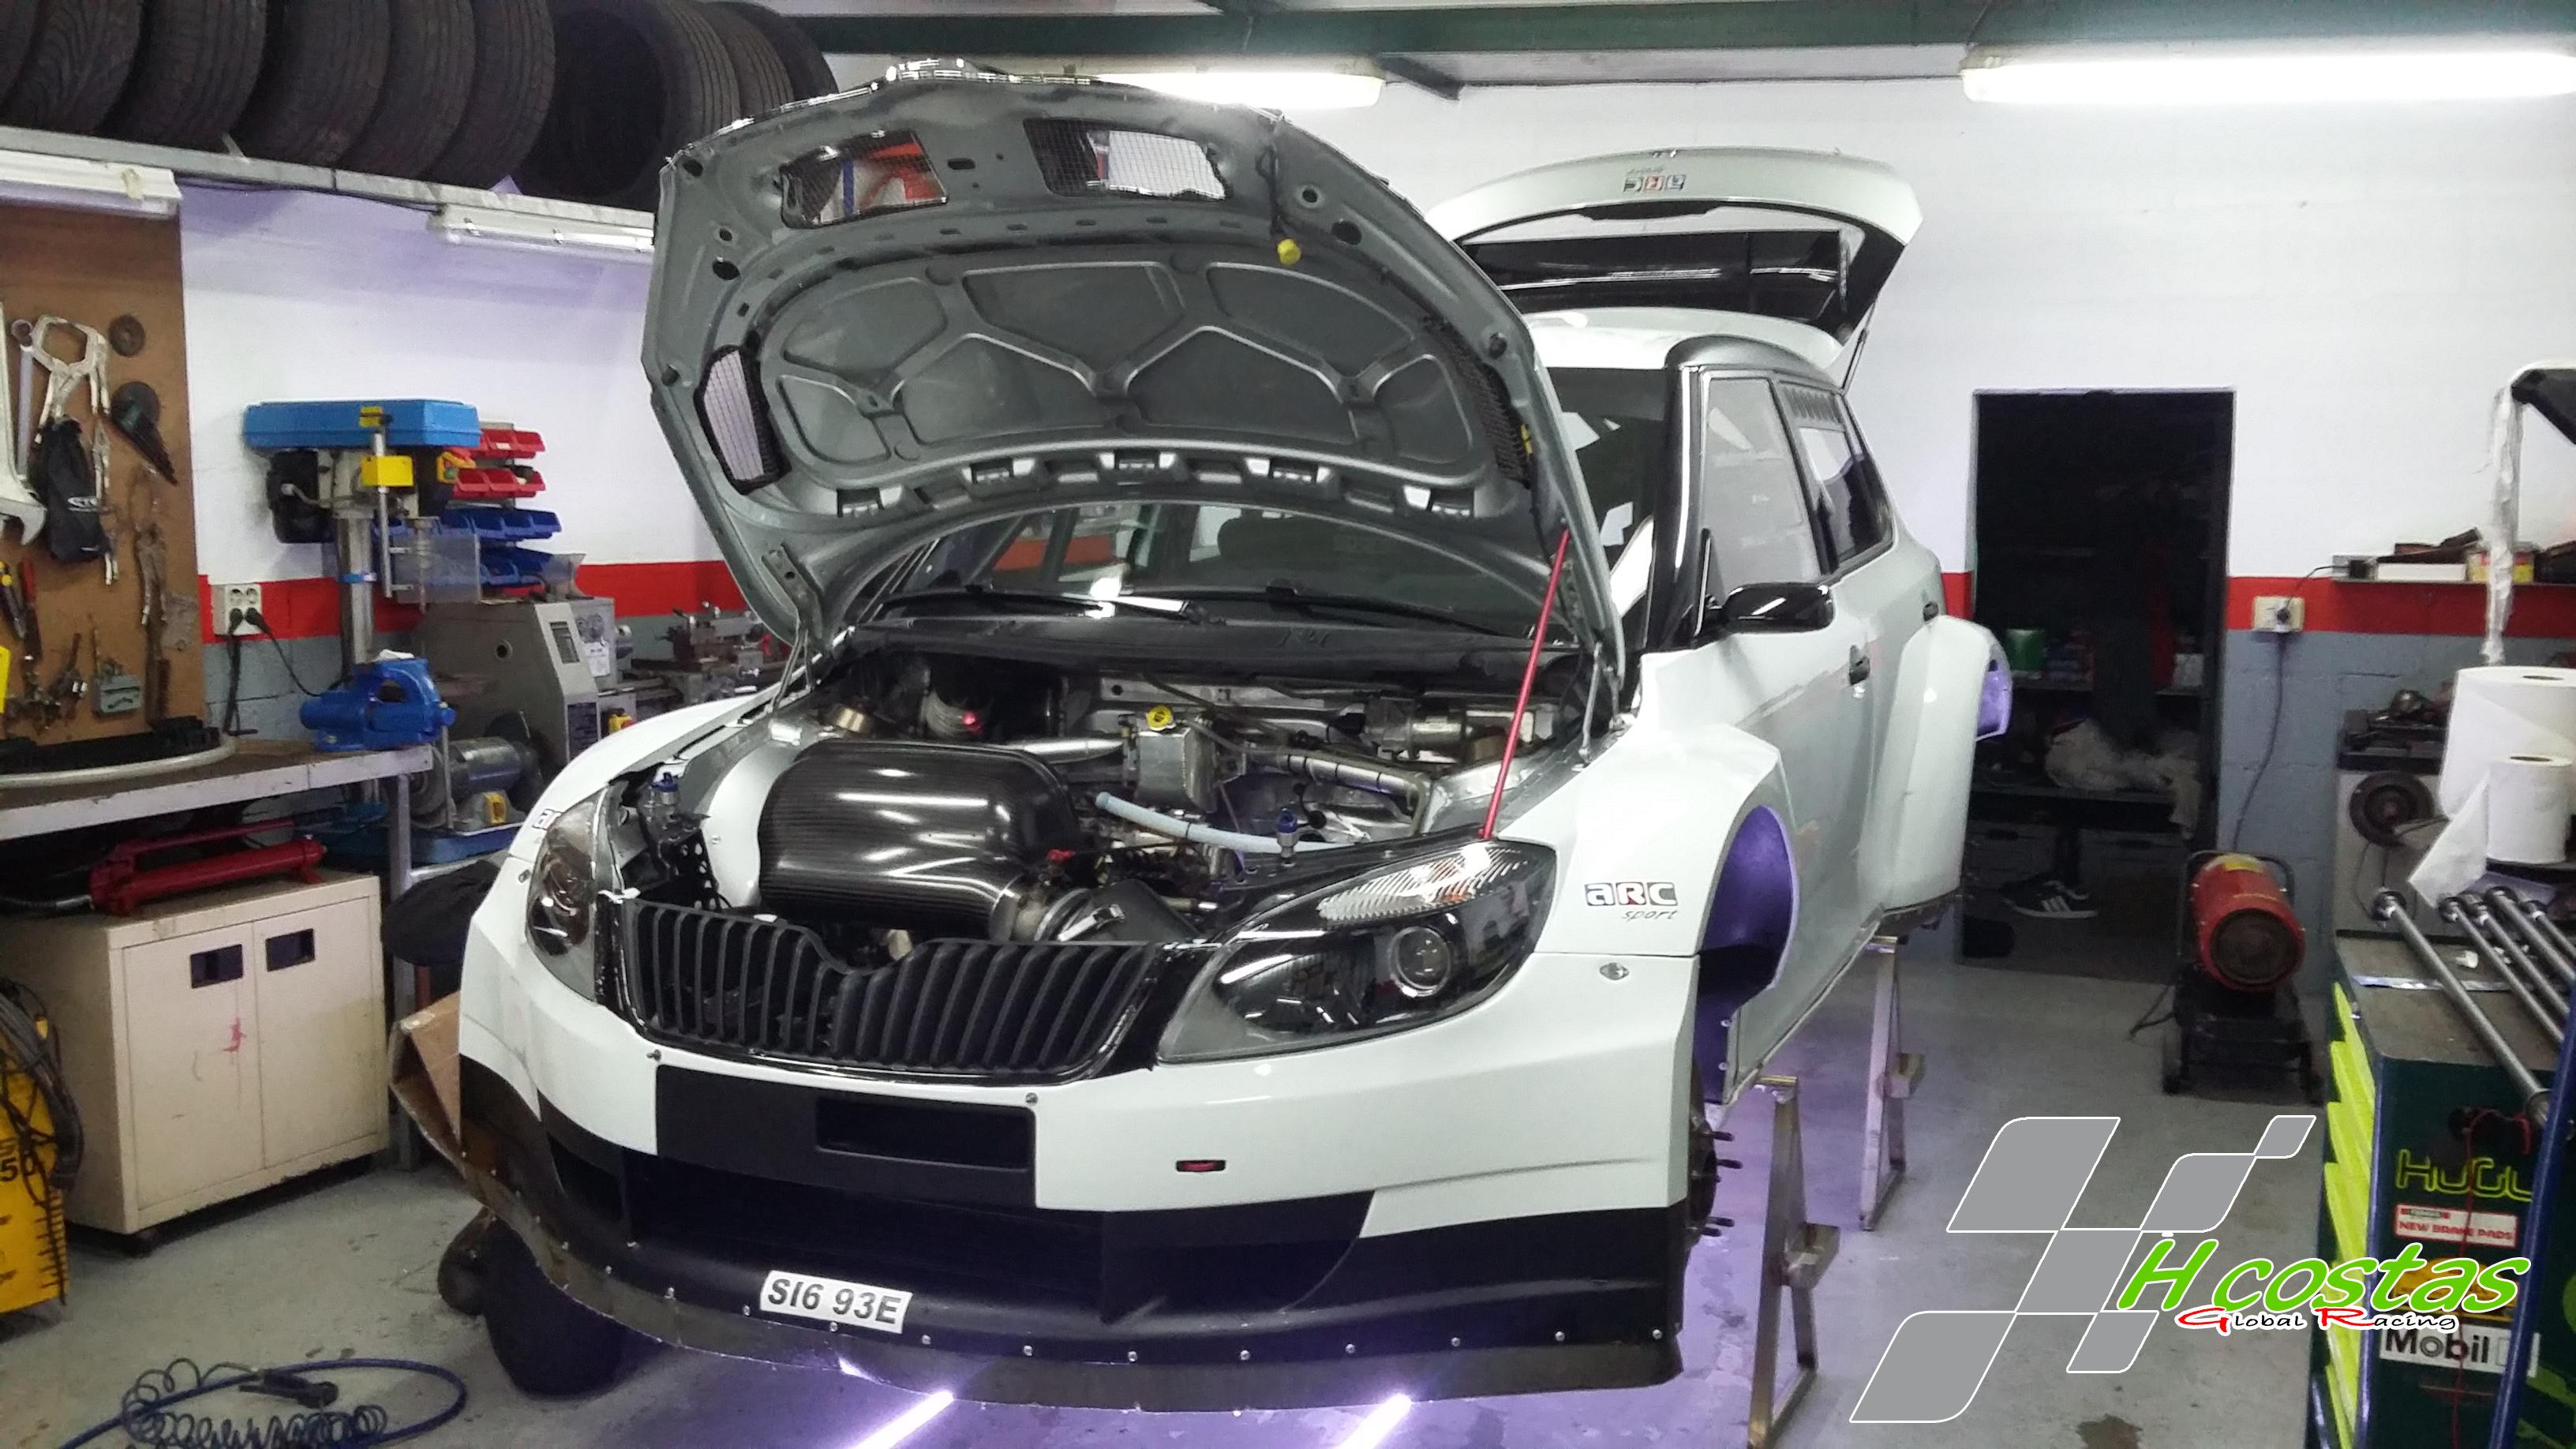 Škoda Fabia S2.000 HCostas